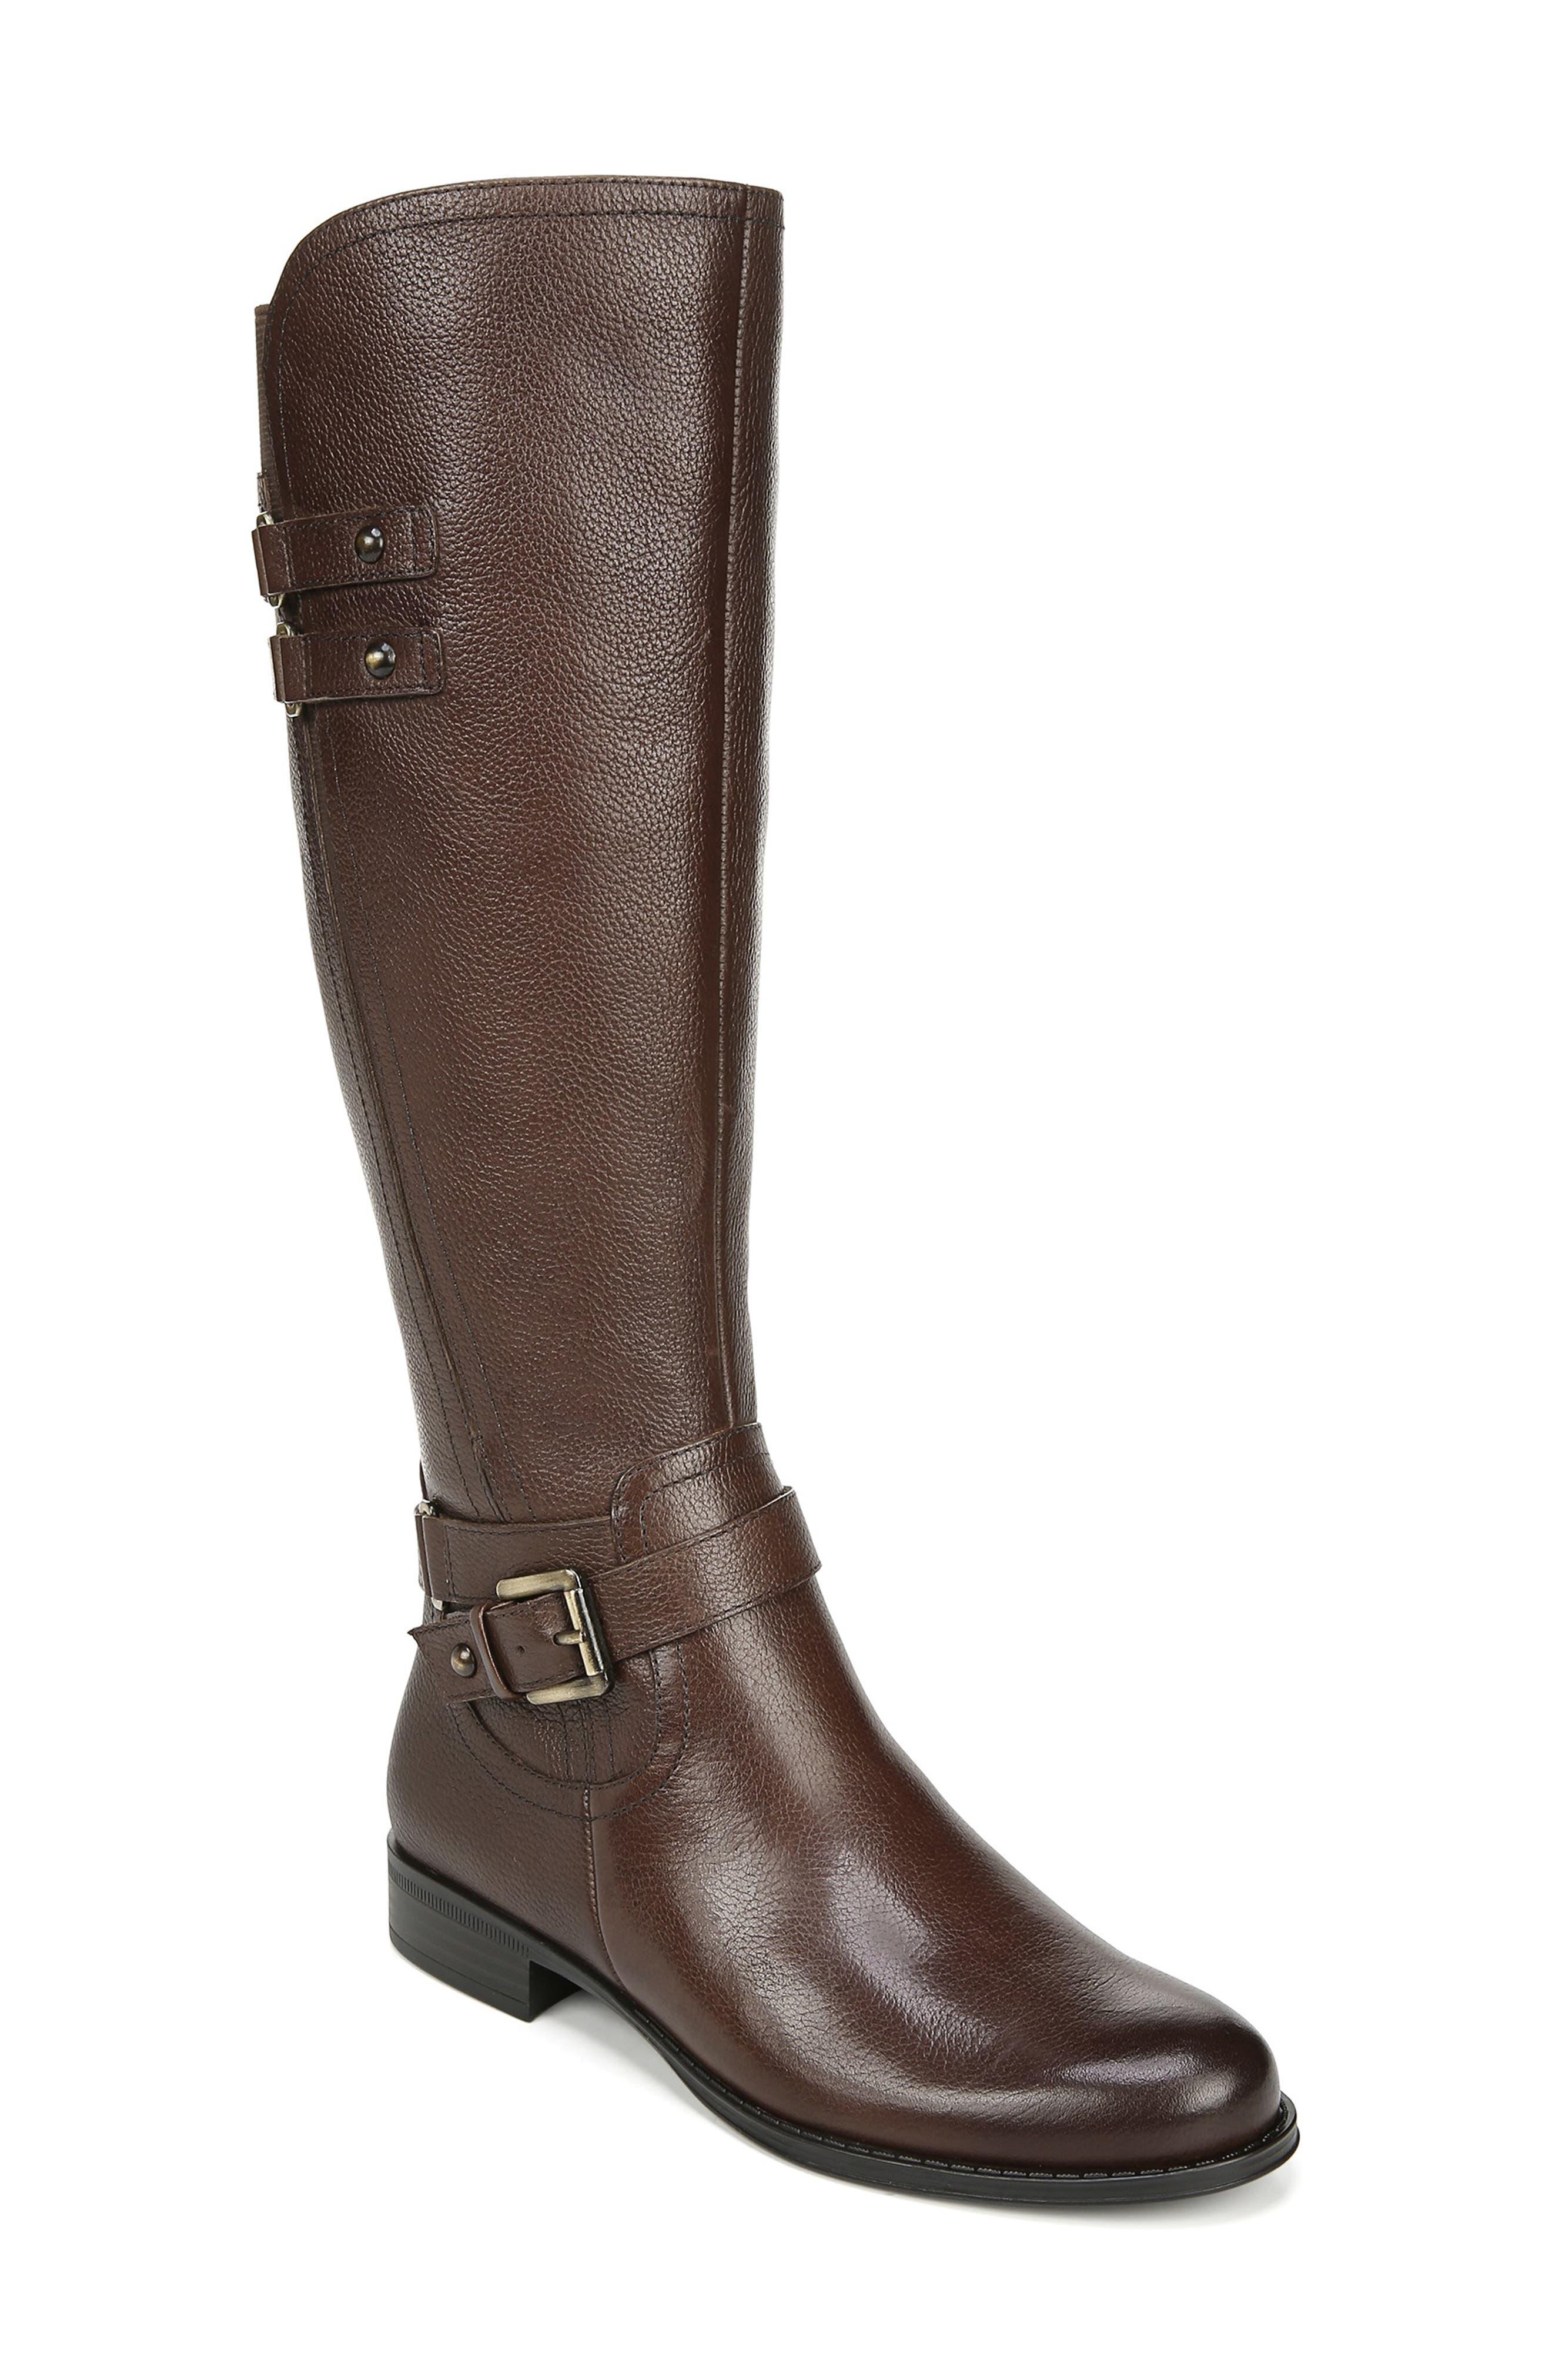 Naturalizer Jackie Tall Riding Boot, Regular Calf- Brown